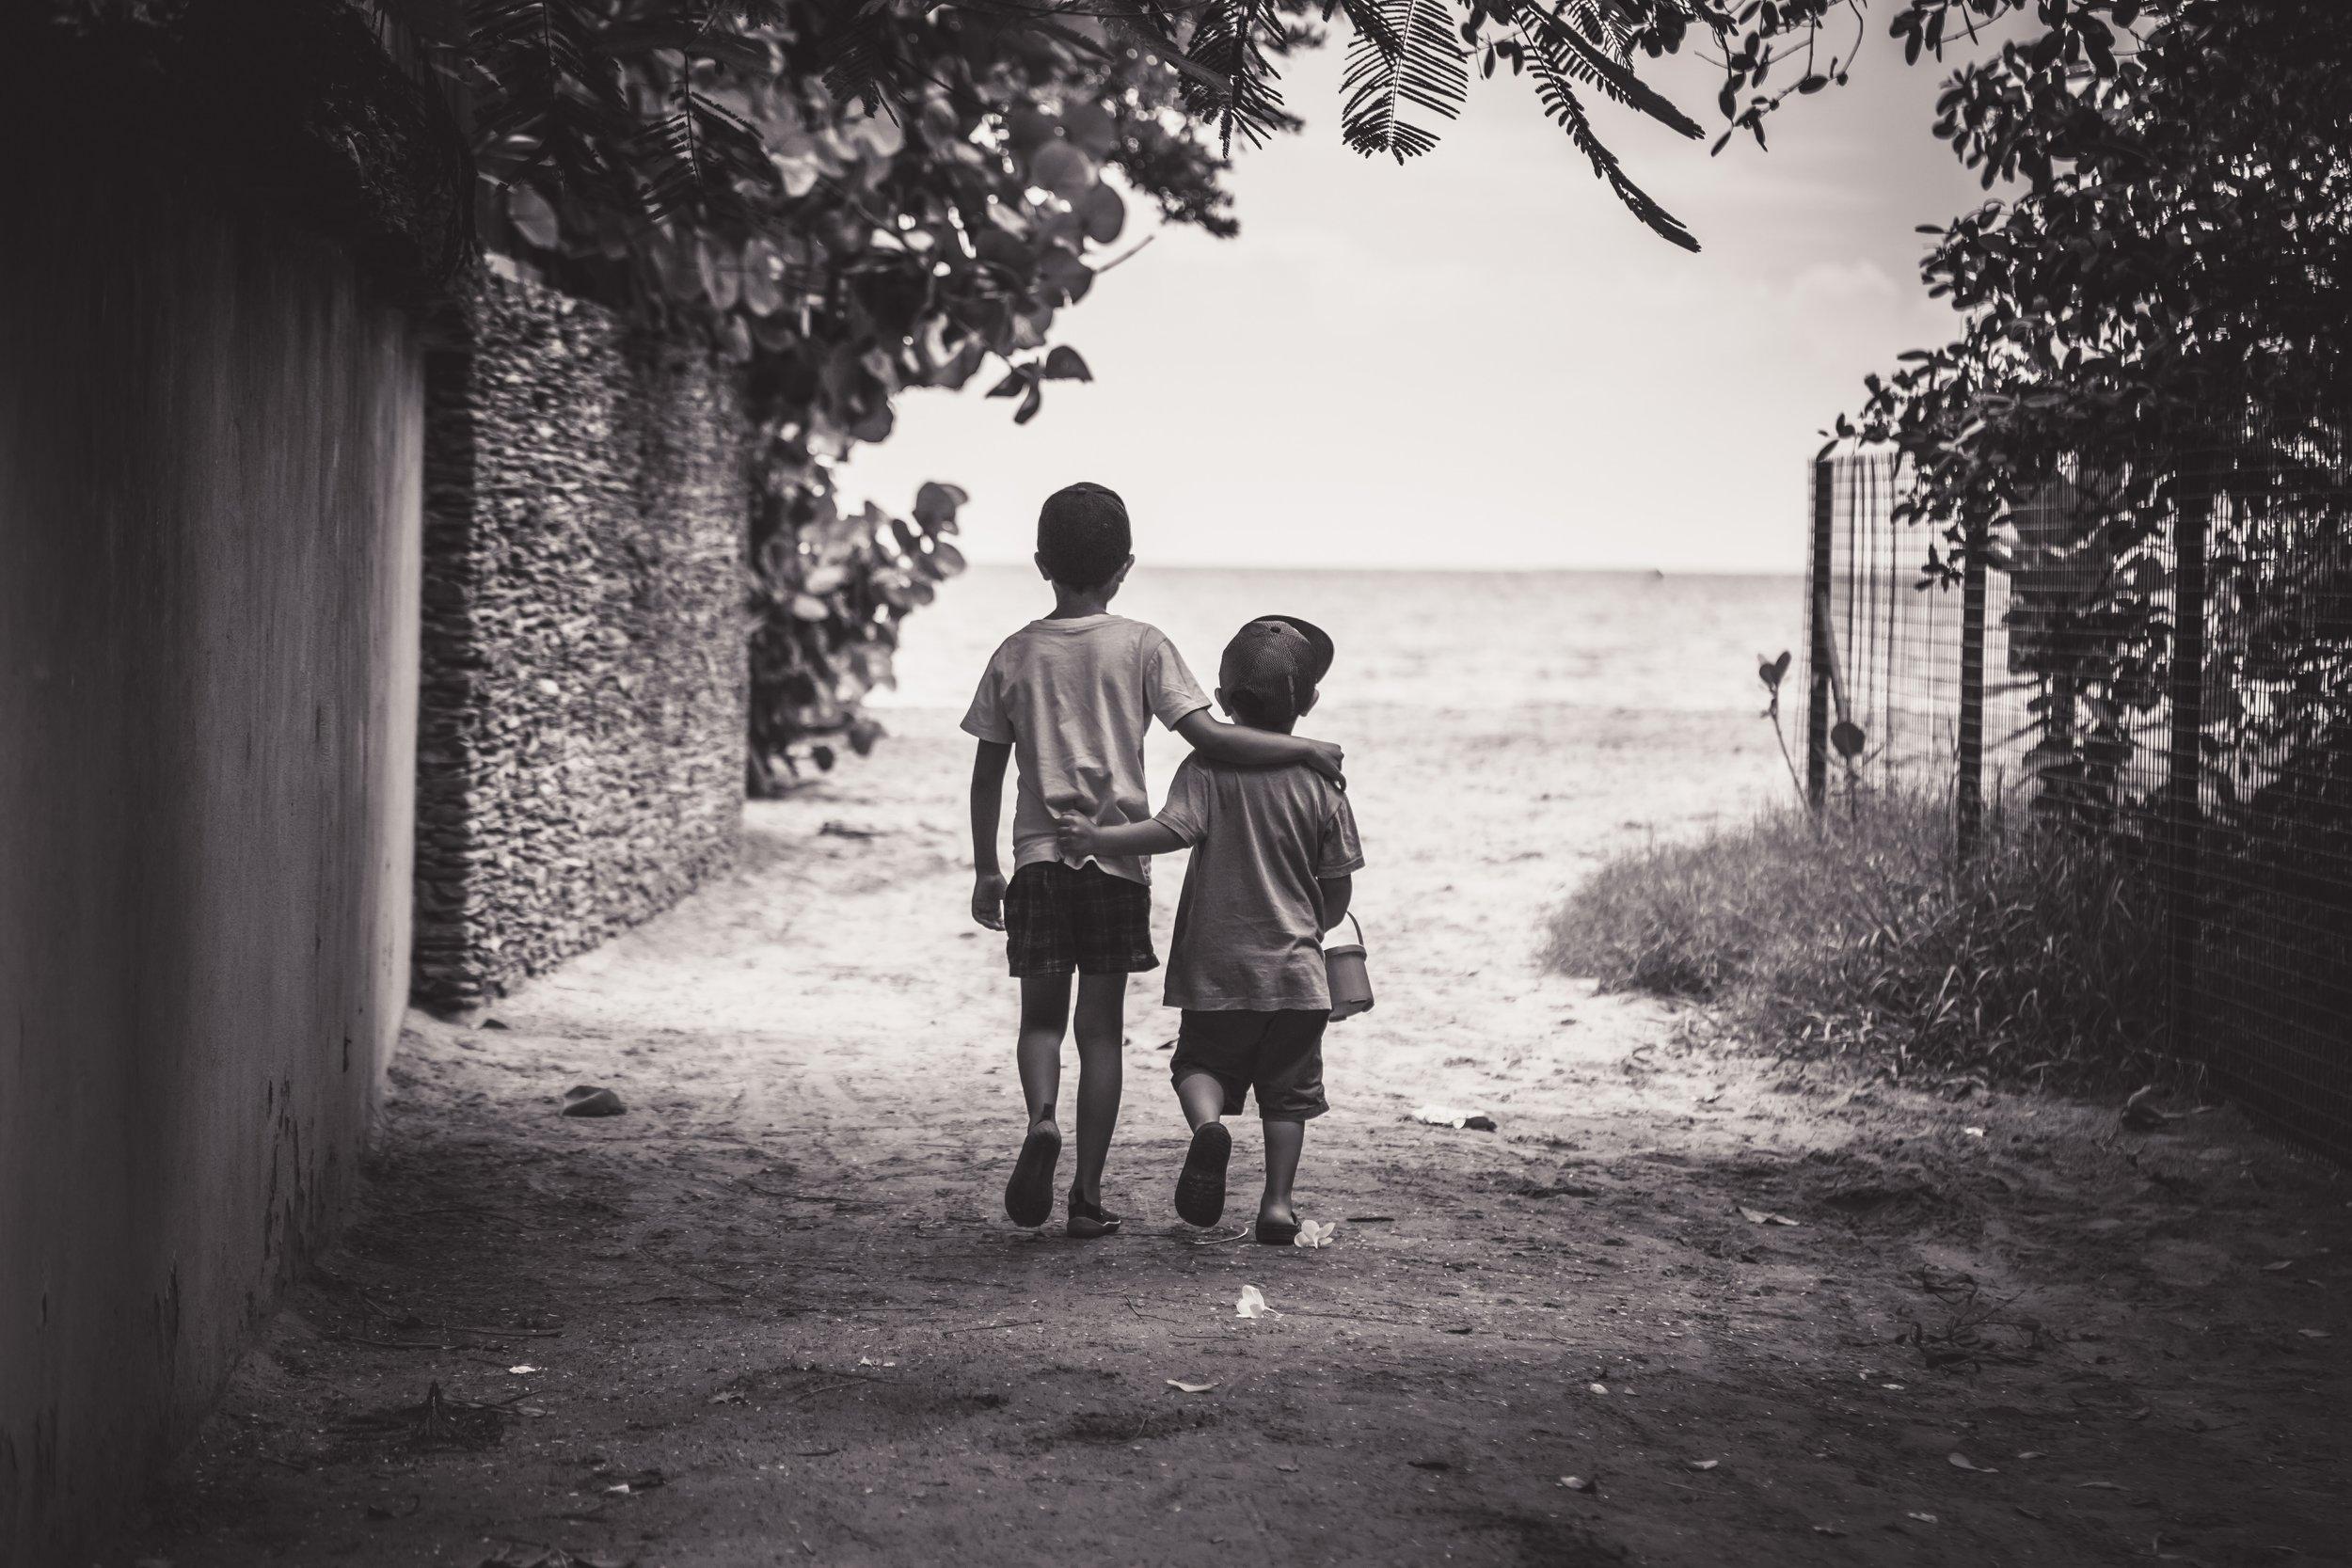 Fundacion Niños Con Alas, Uruguay - Cette Fondation aide 2000 enfants. Elle a 5 collèges situés dans des zones à hauts risques pour donner ainsi aux enfants l'opportunité de faire des études.Plusieurs enfants ont des bourses d'étude comme pour ceux qui ont le syndrome de Down, l'Espina Bifide, l'épilepsie qui leur donne un retard sévère ainsi que pour les enfants autistes…